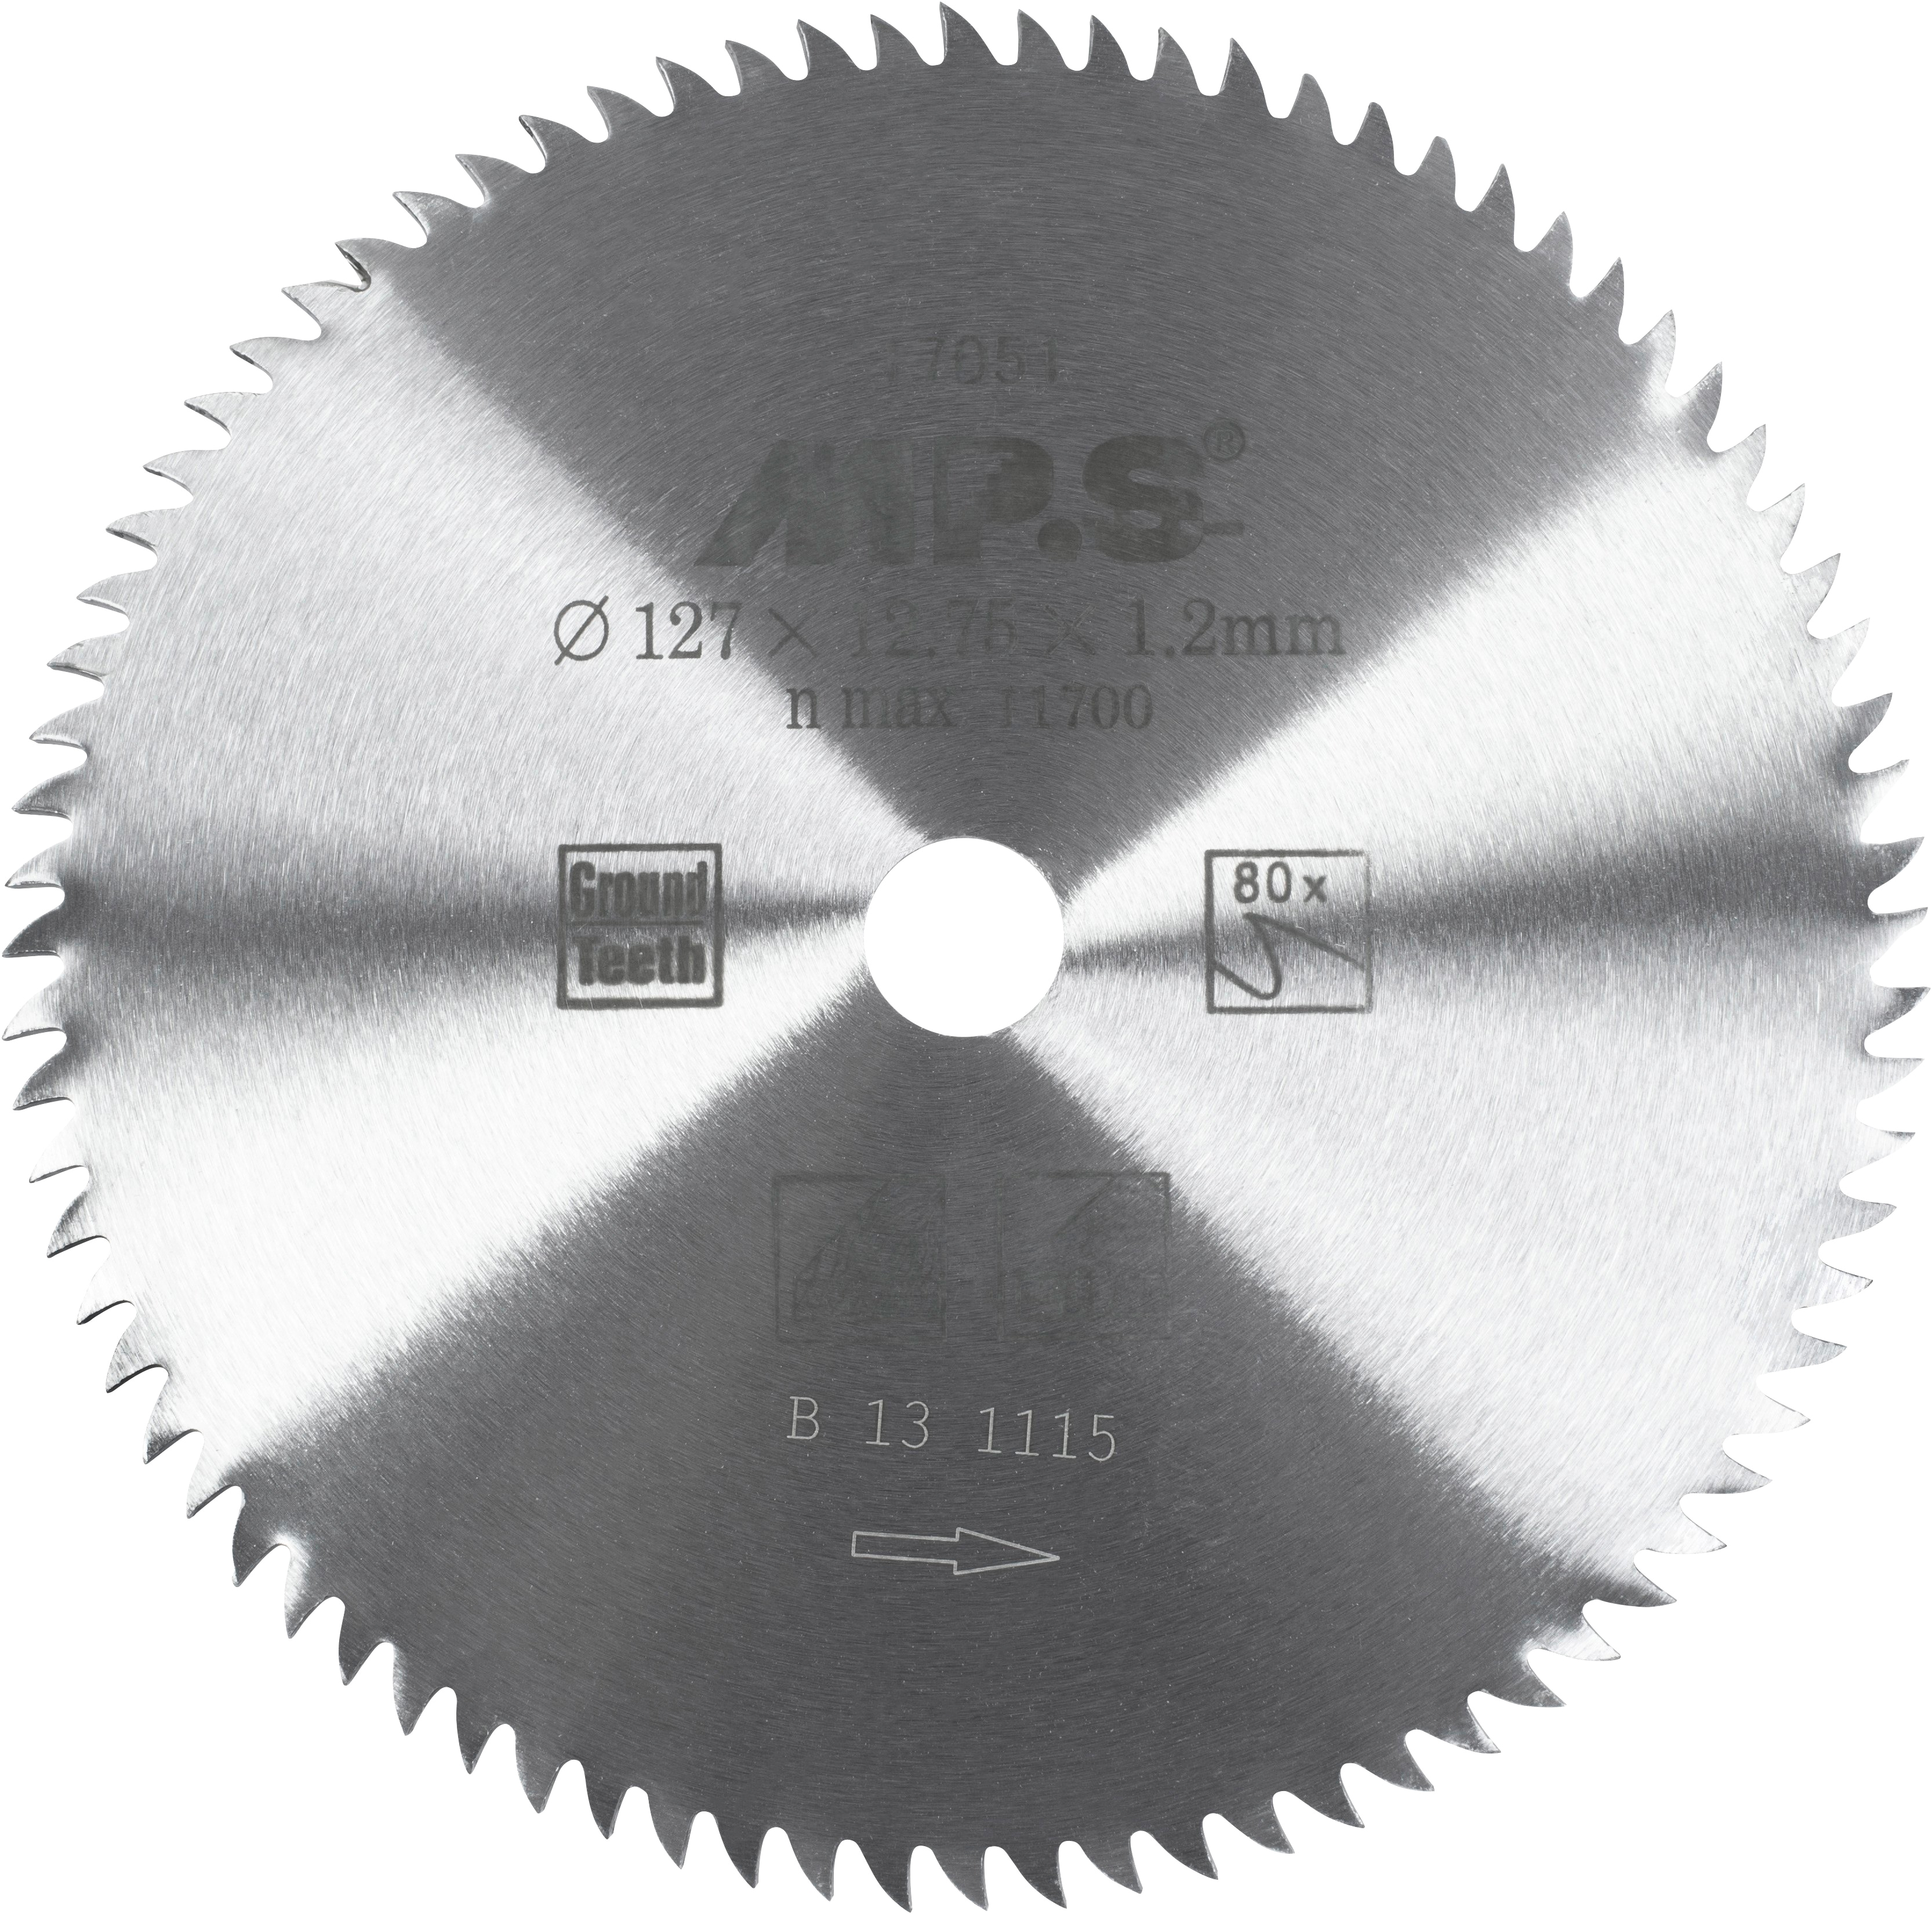 Connex Kreissägeblatt, Hand-/ Tischkreissägeblatt, CV, Feinstzahn, Ø 127 mm silberfarben Sägen Werkzeug Maschinen Kreissägeblatt